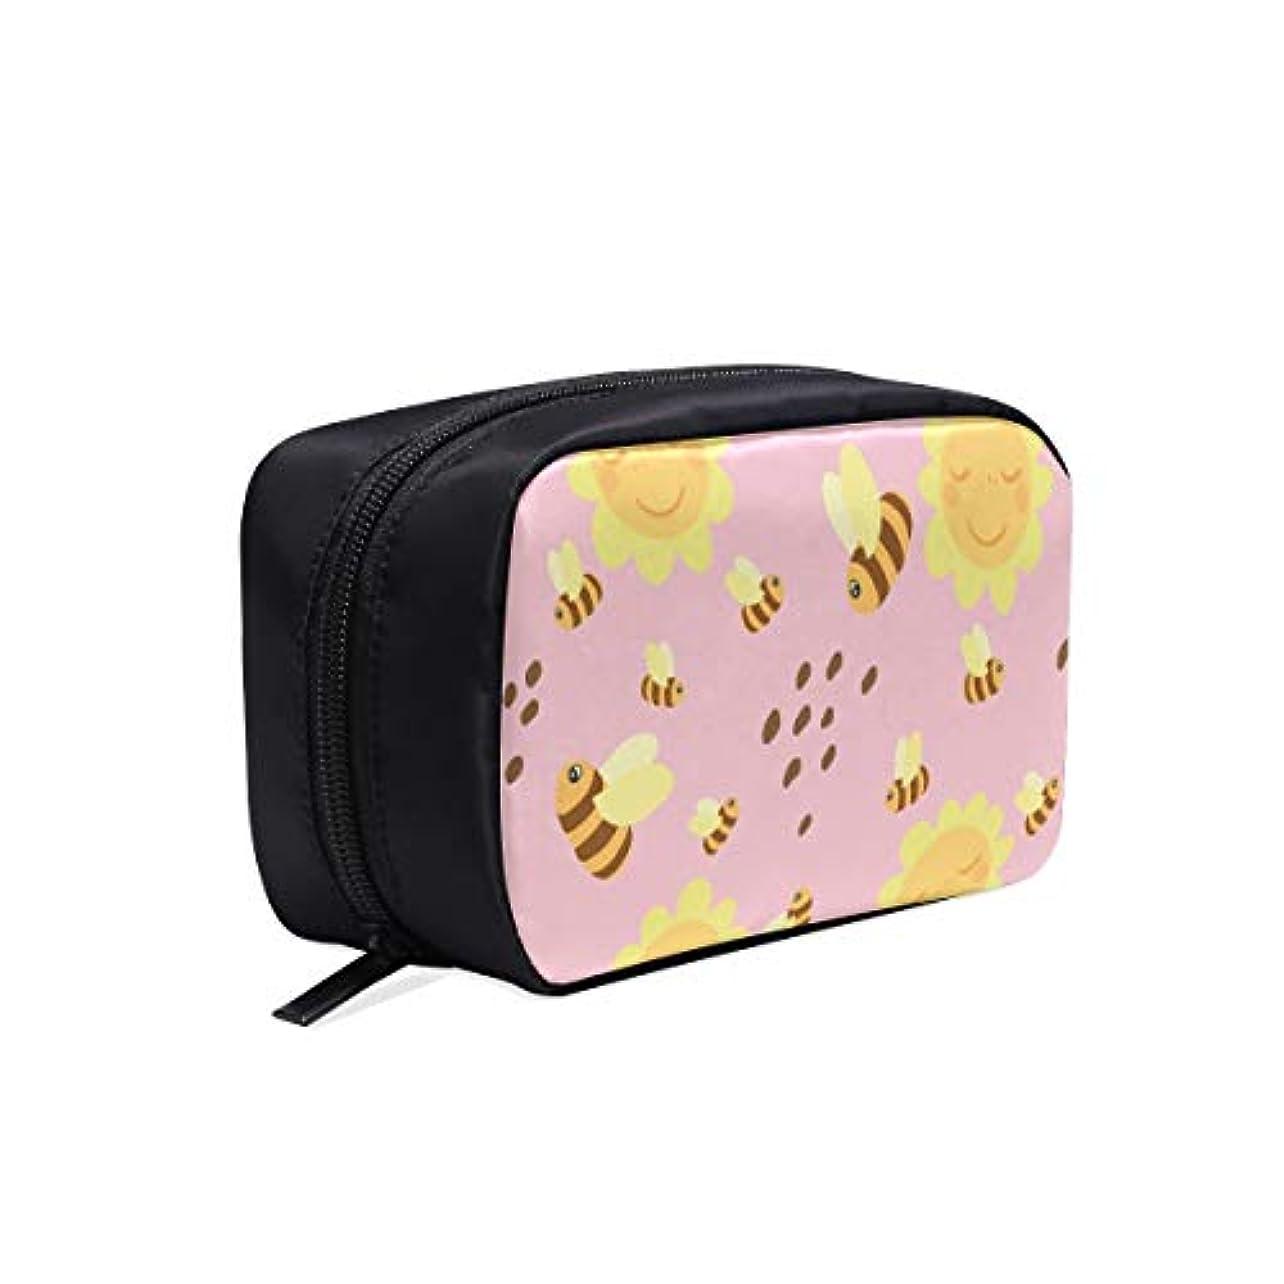 隙間究極の棚GGSXD メイクポーチ かわいいミツバチやひまわり ボックス コスメ収納 化粧品収納ケース 大容量 収納 化粧品入れ 化粧バッグ 旅行用 メイクブラシバッグ 化粧箱 持ち運び便利 プロ用